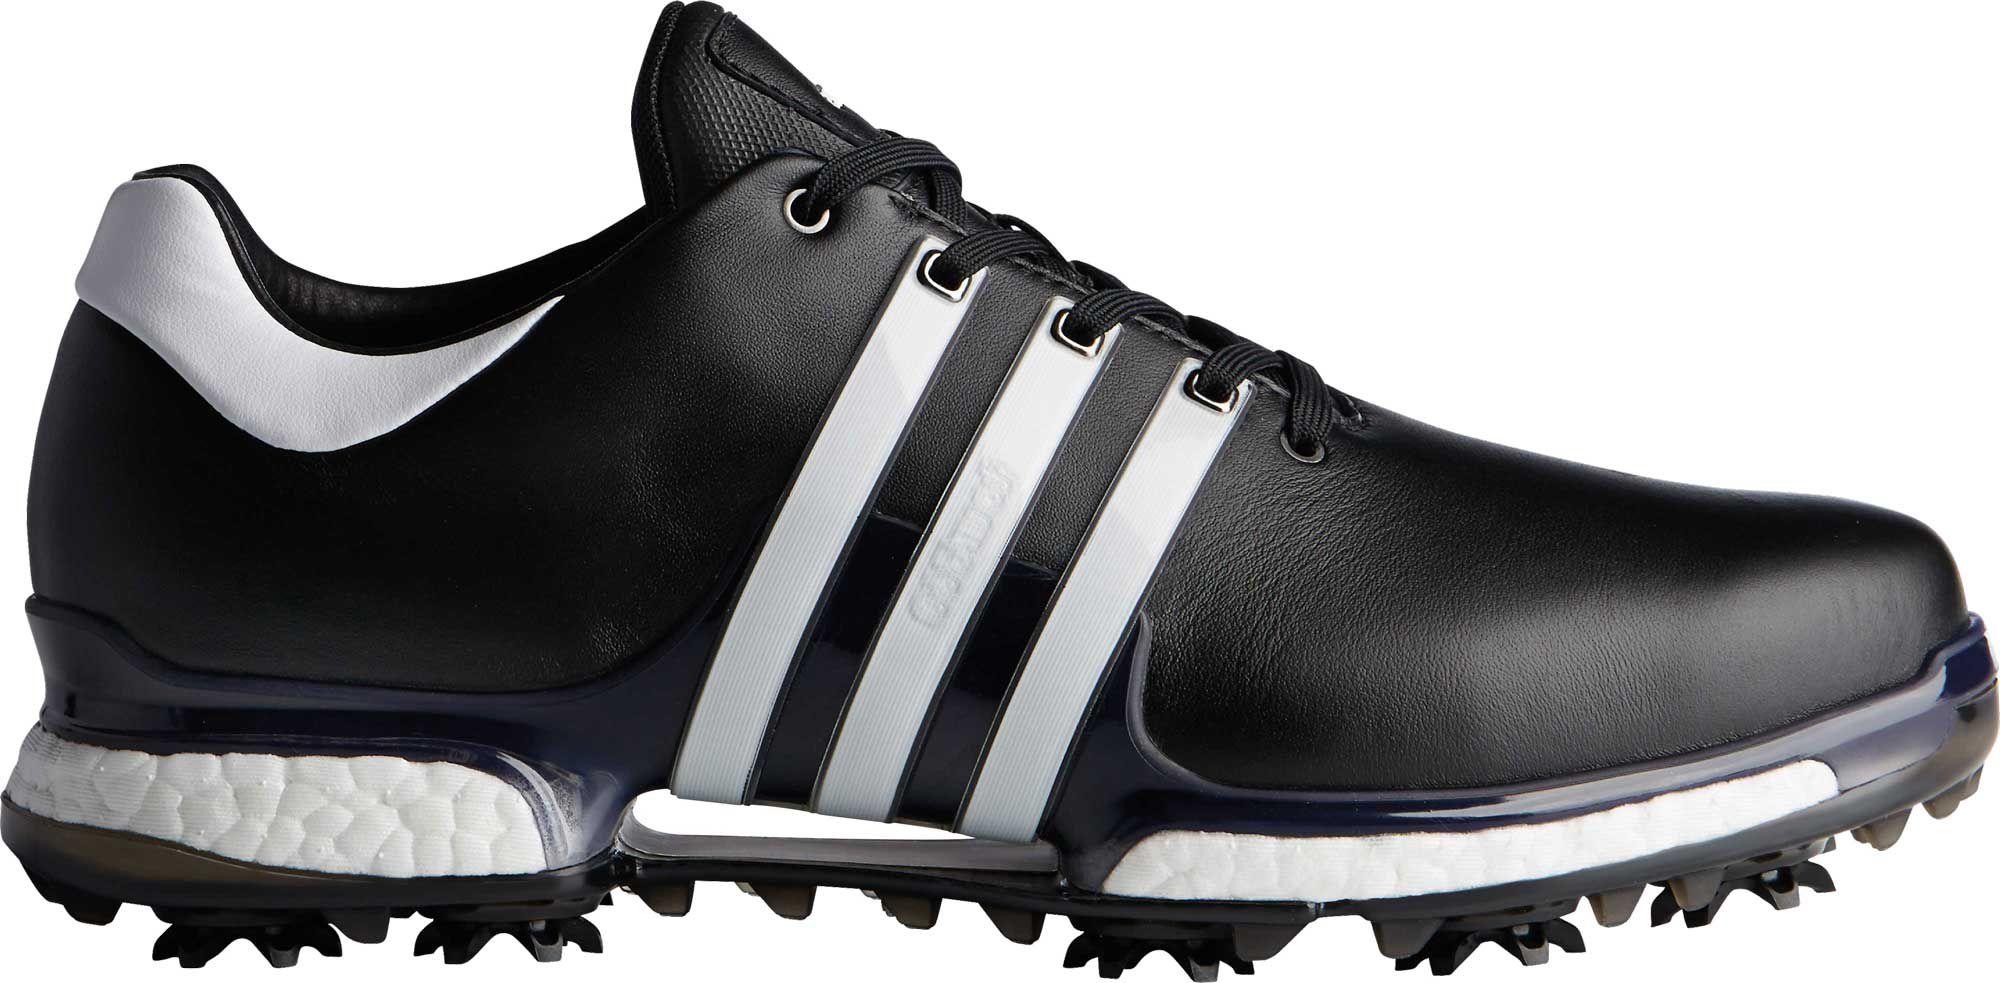 Adidas Tour360 Boost 2 0 Golf Shoes Men S Size 11 5 Black Golf Shoes Adidas Men